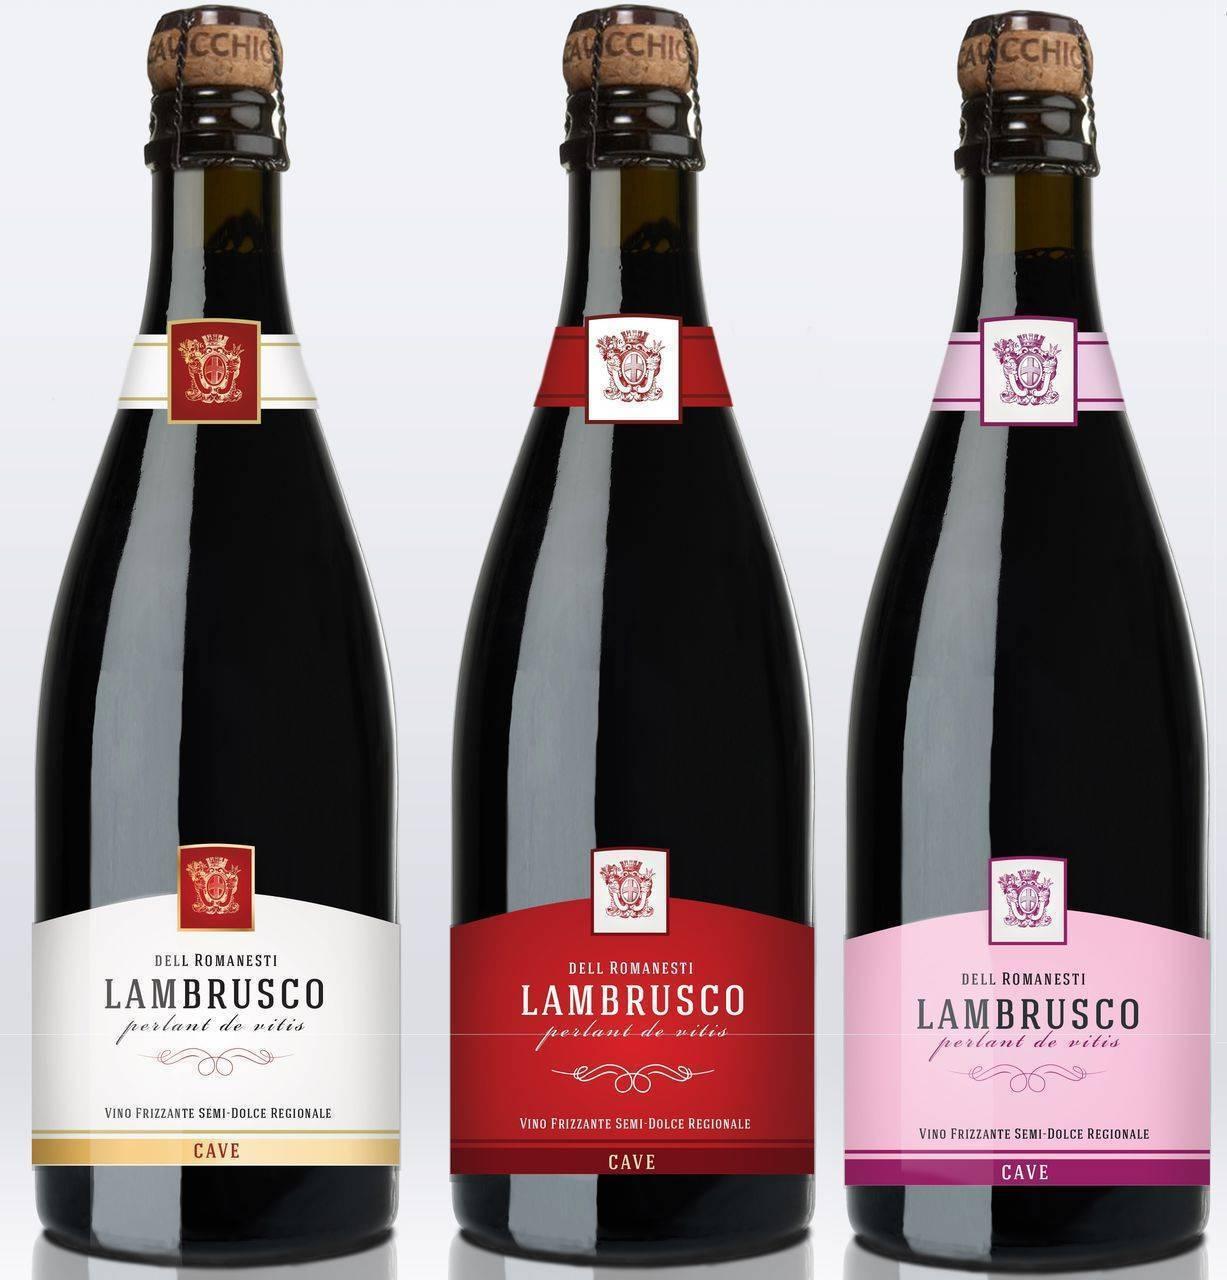 Итальянское шампанское ламбруско: история напитка, разновидности lambrusco и культура пития фруктового вина